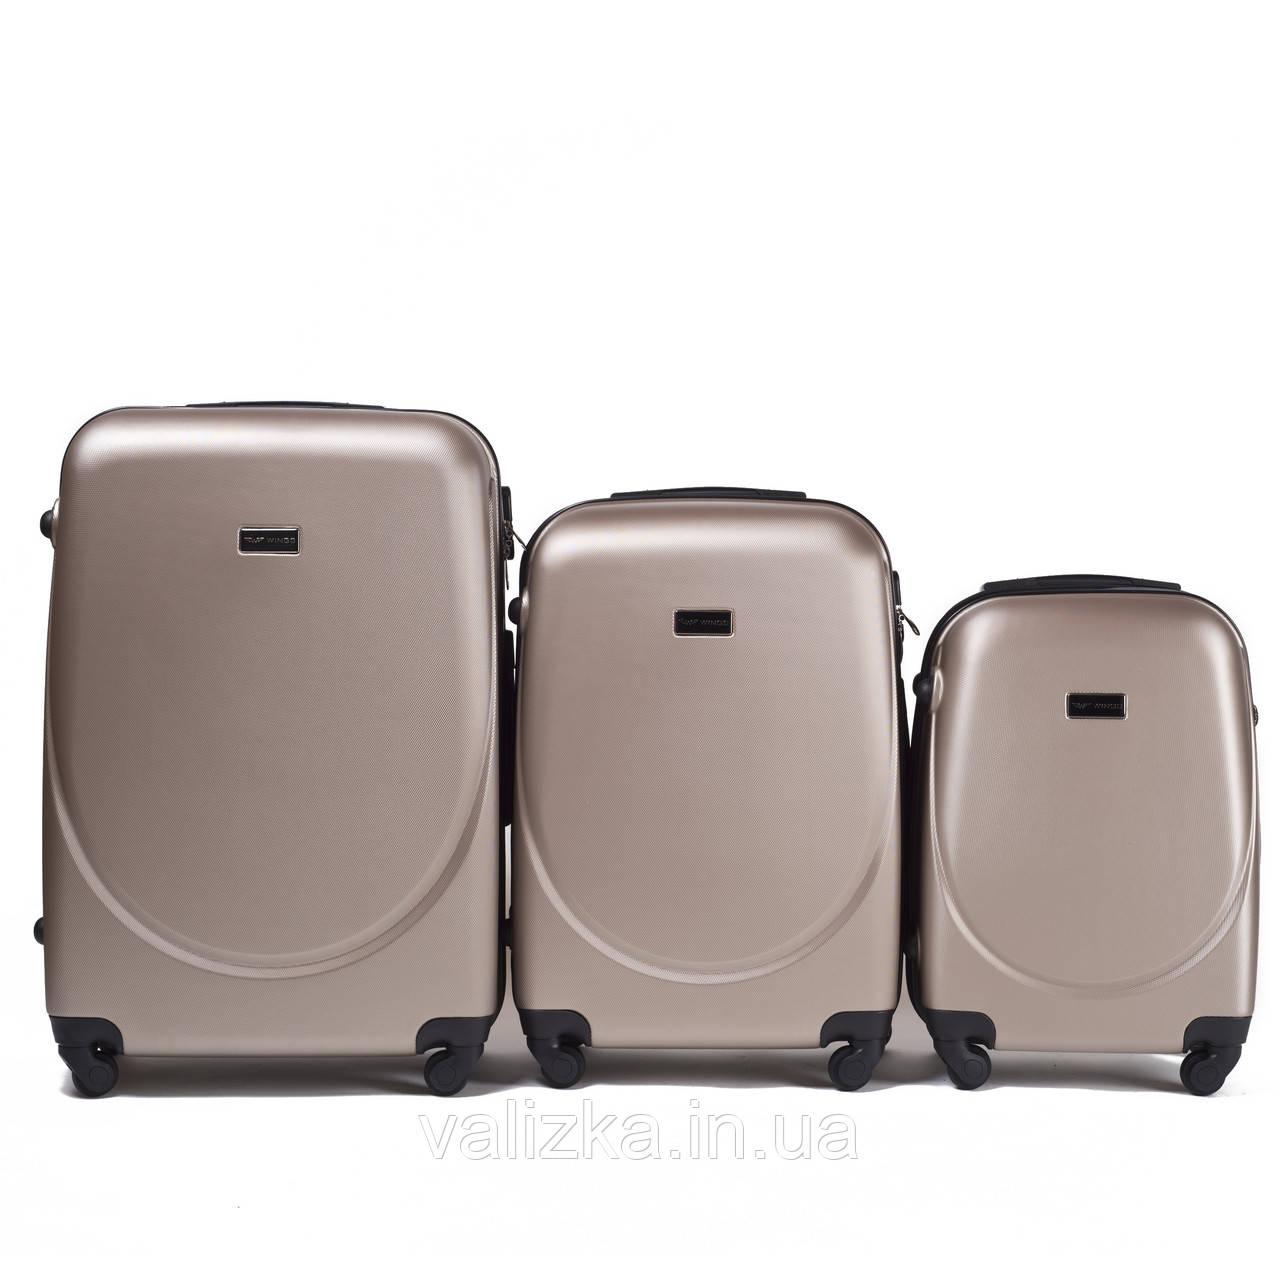 Набір валіз пластикових 3 шт малий, середній, великий Wings шампань